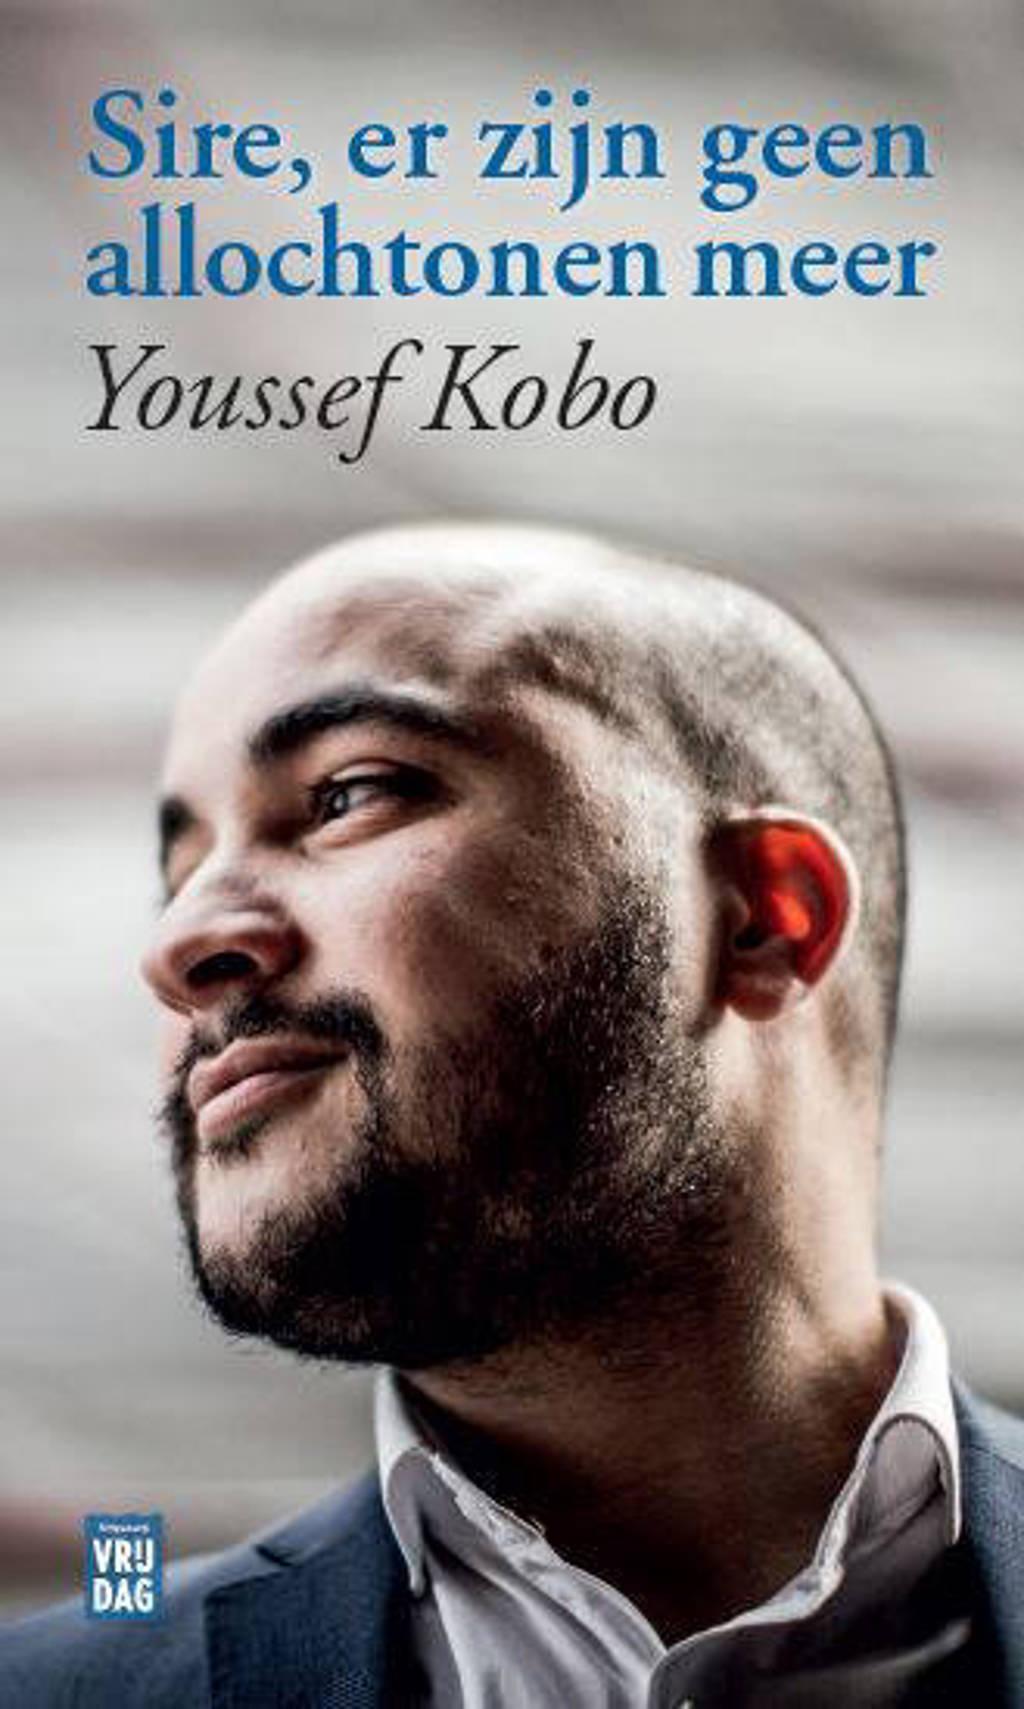 Sire, er zijn geen allochtonen meer - Youssef Kobo